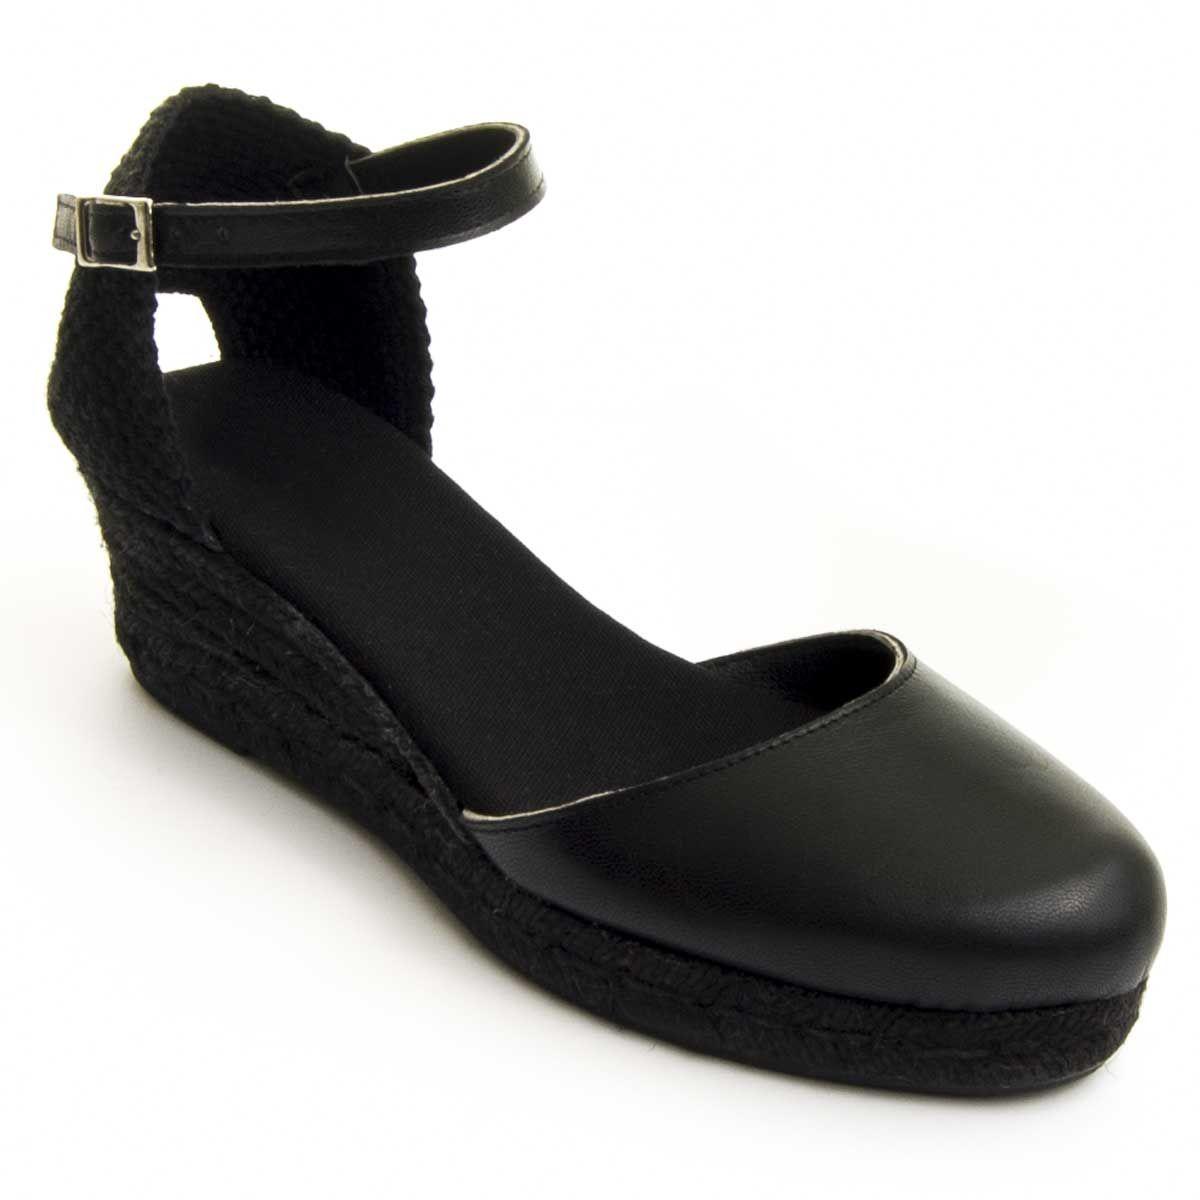 Montevita Sparto Wedge in Black